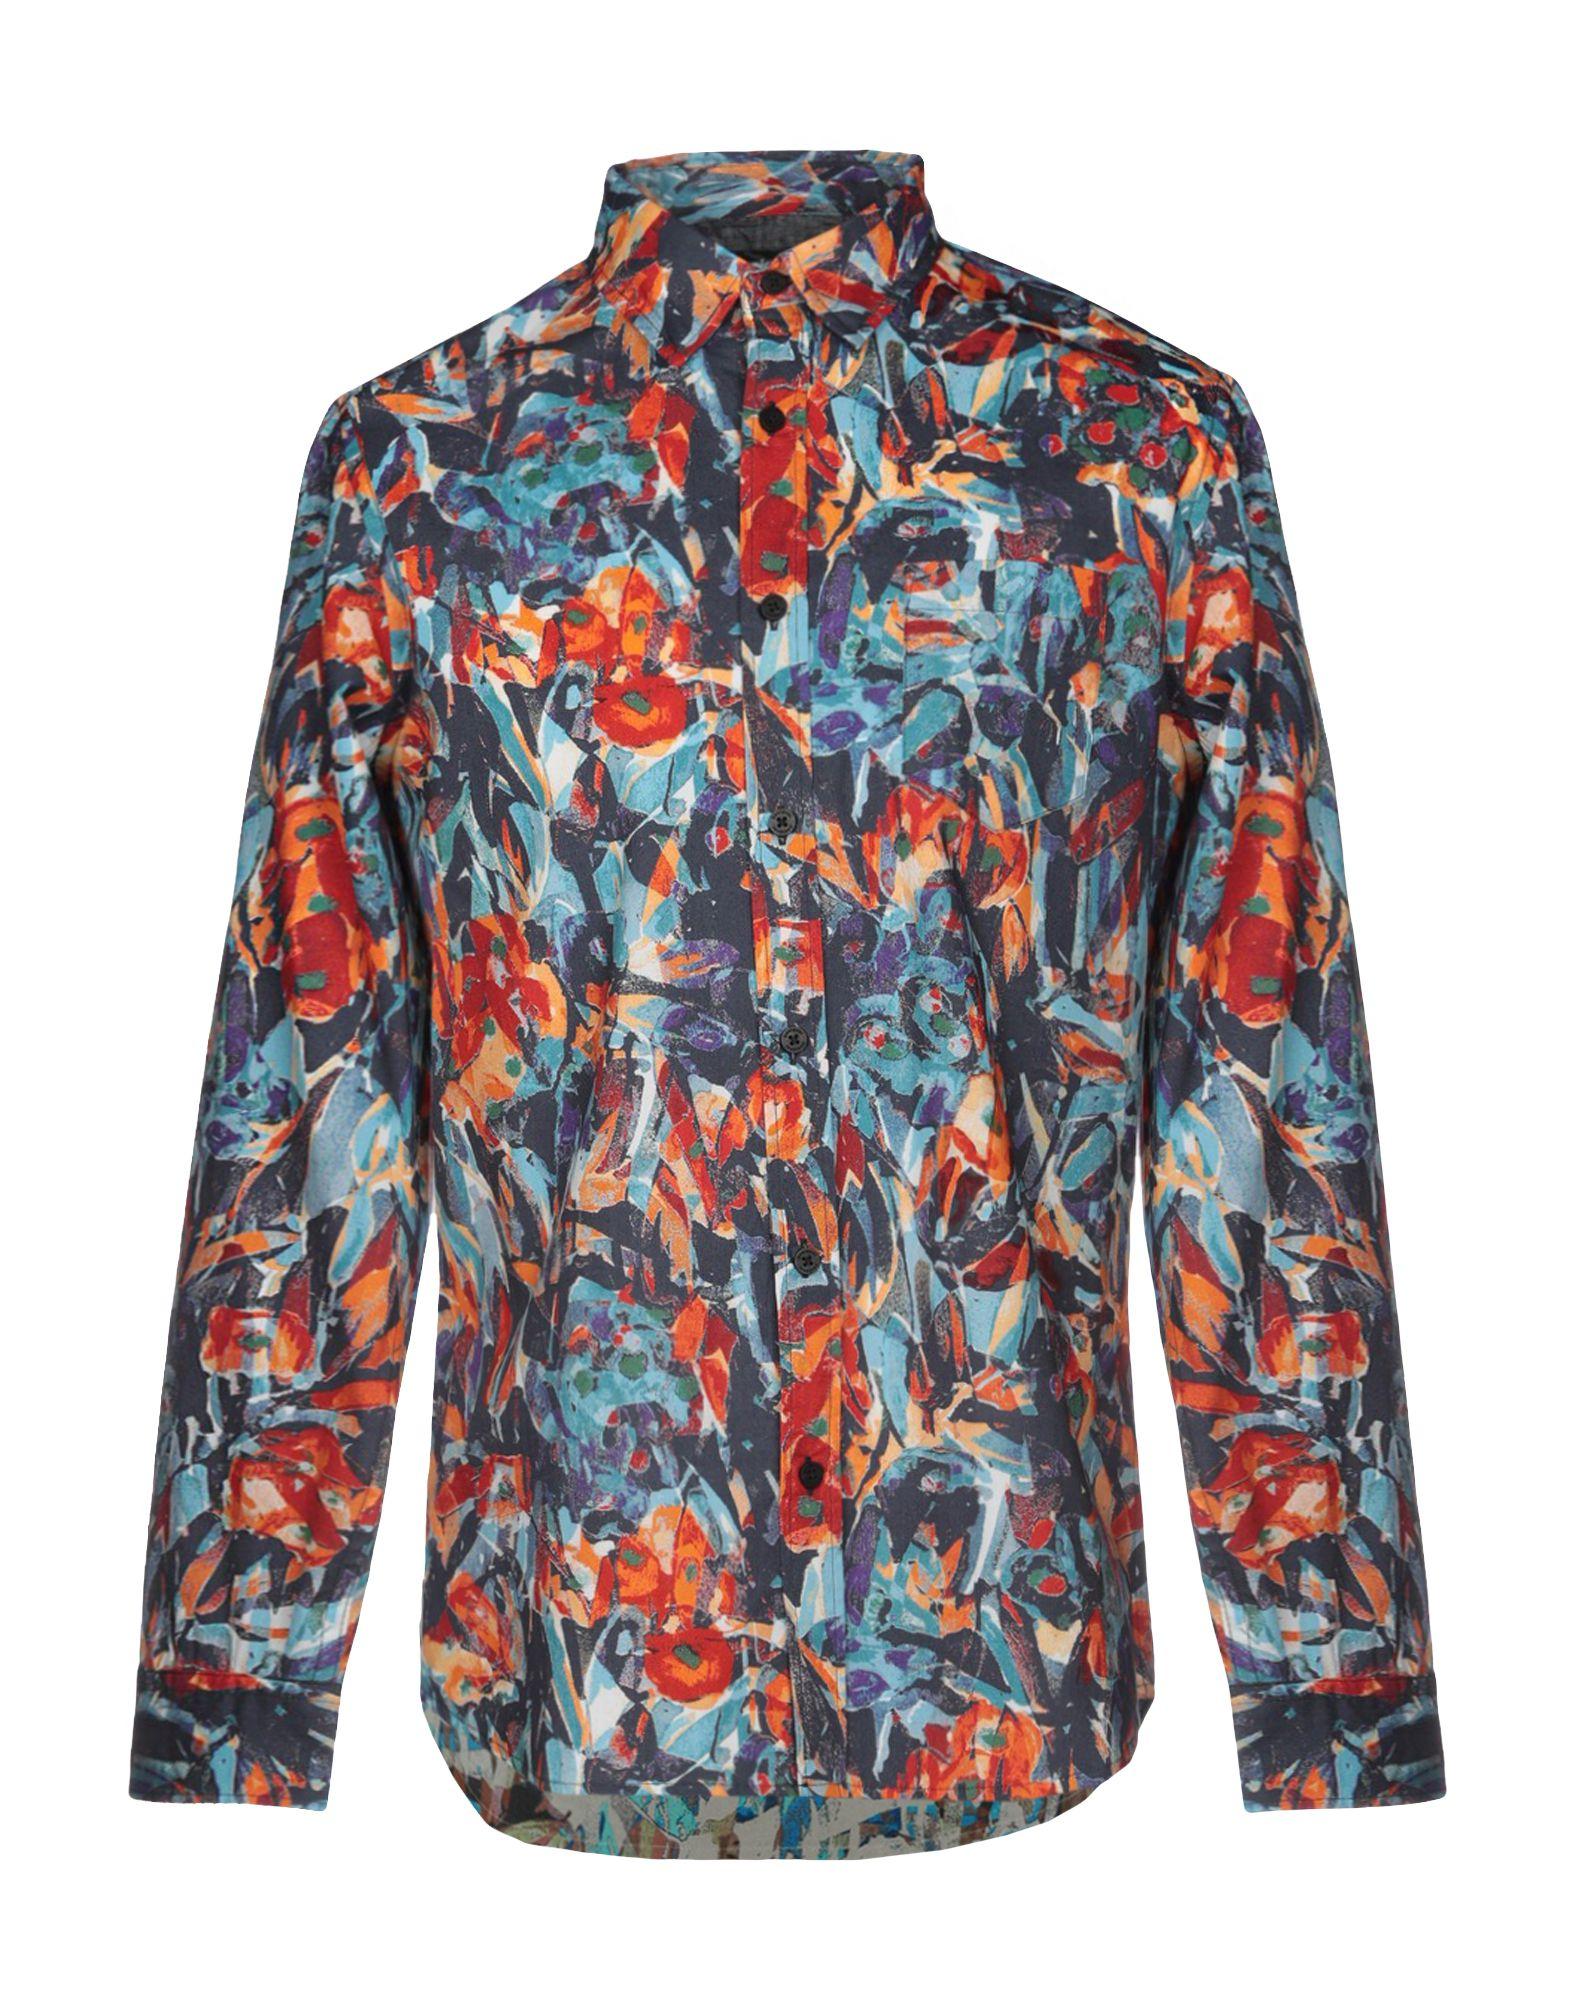 《期間限定セール中》DESIGUAL メンズ シャツ ブルー S コットン 100%